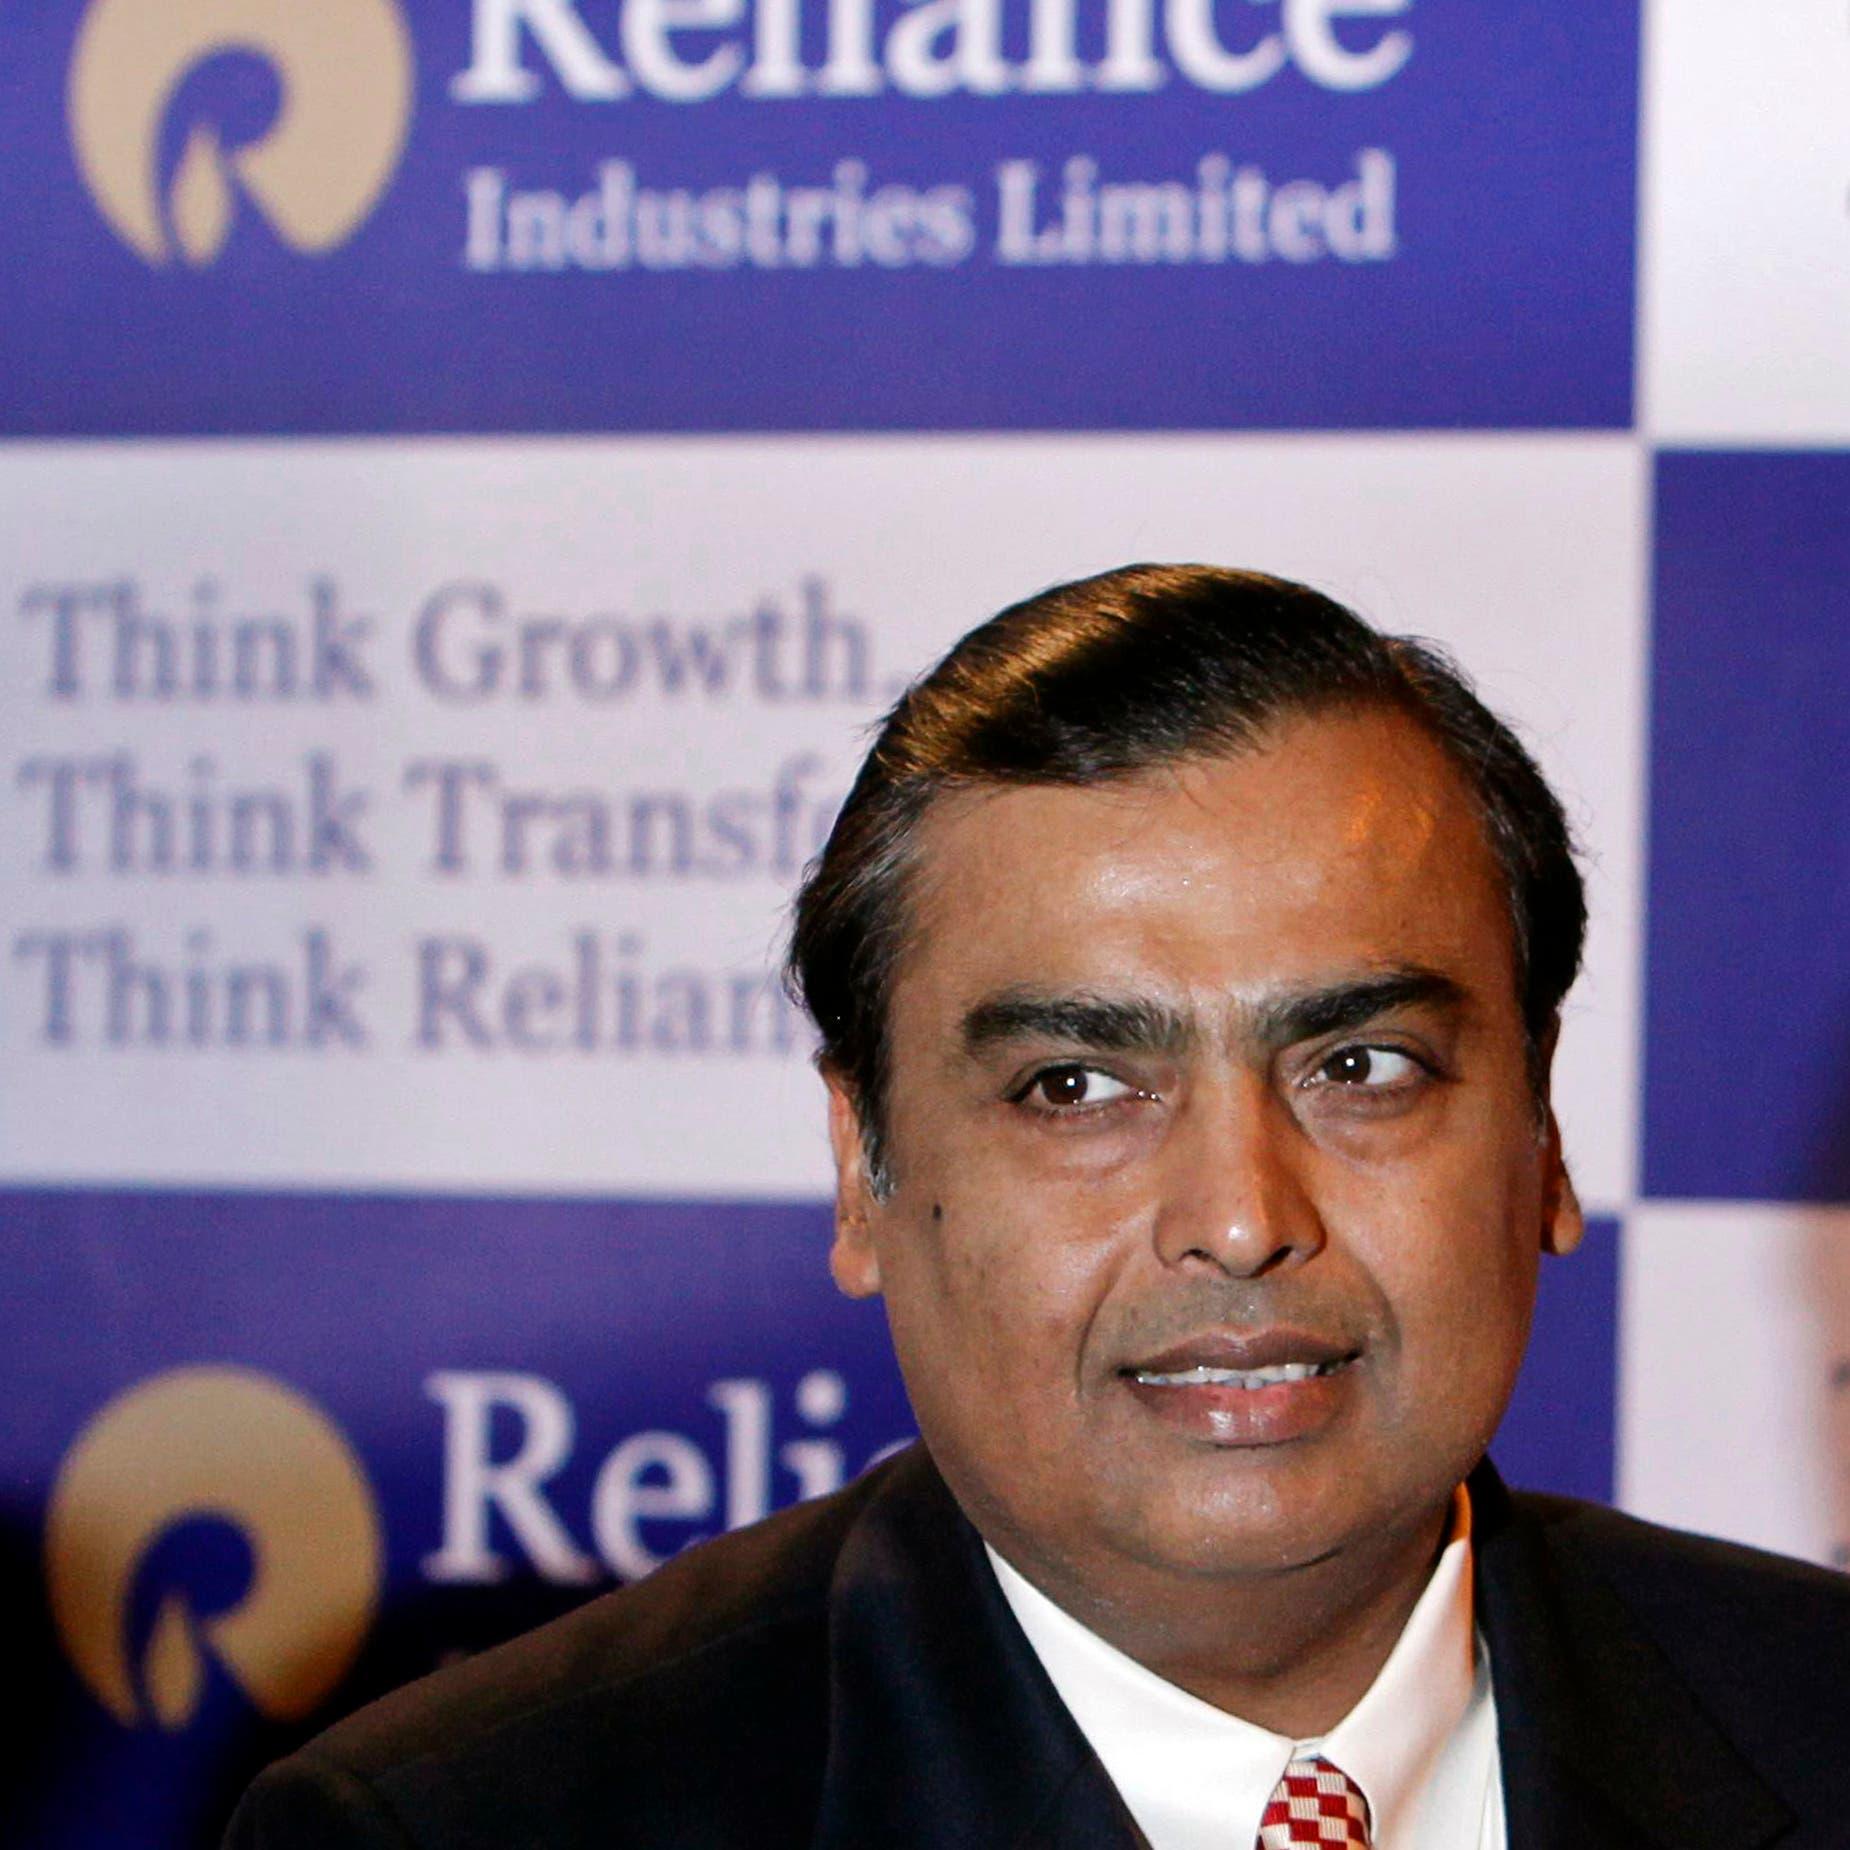 ملياردير هندي يسير على خطى غيتس ويستثمرفي هذه الشركة